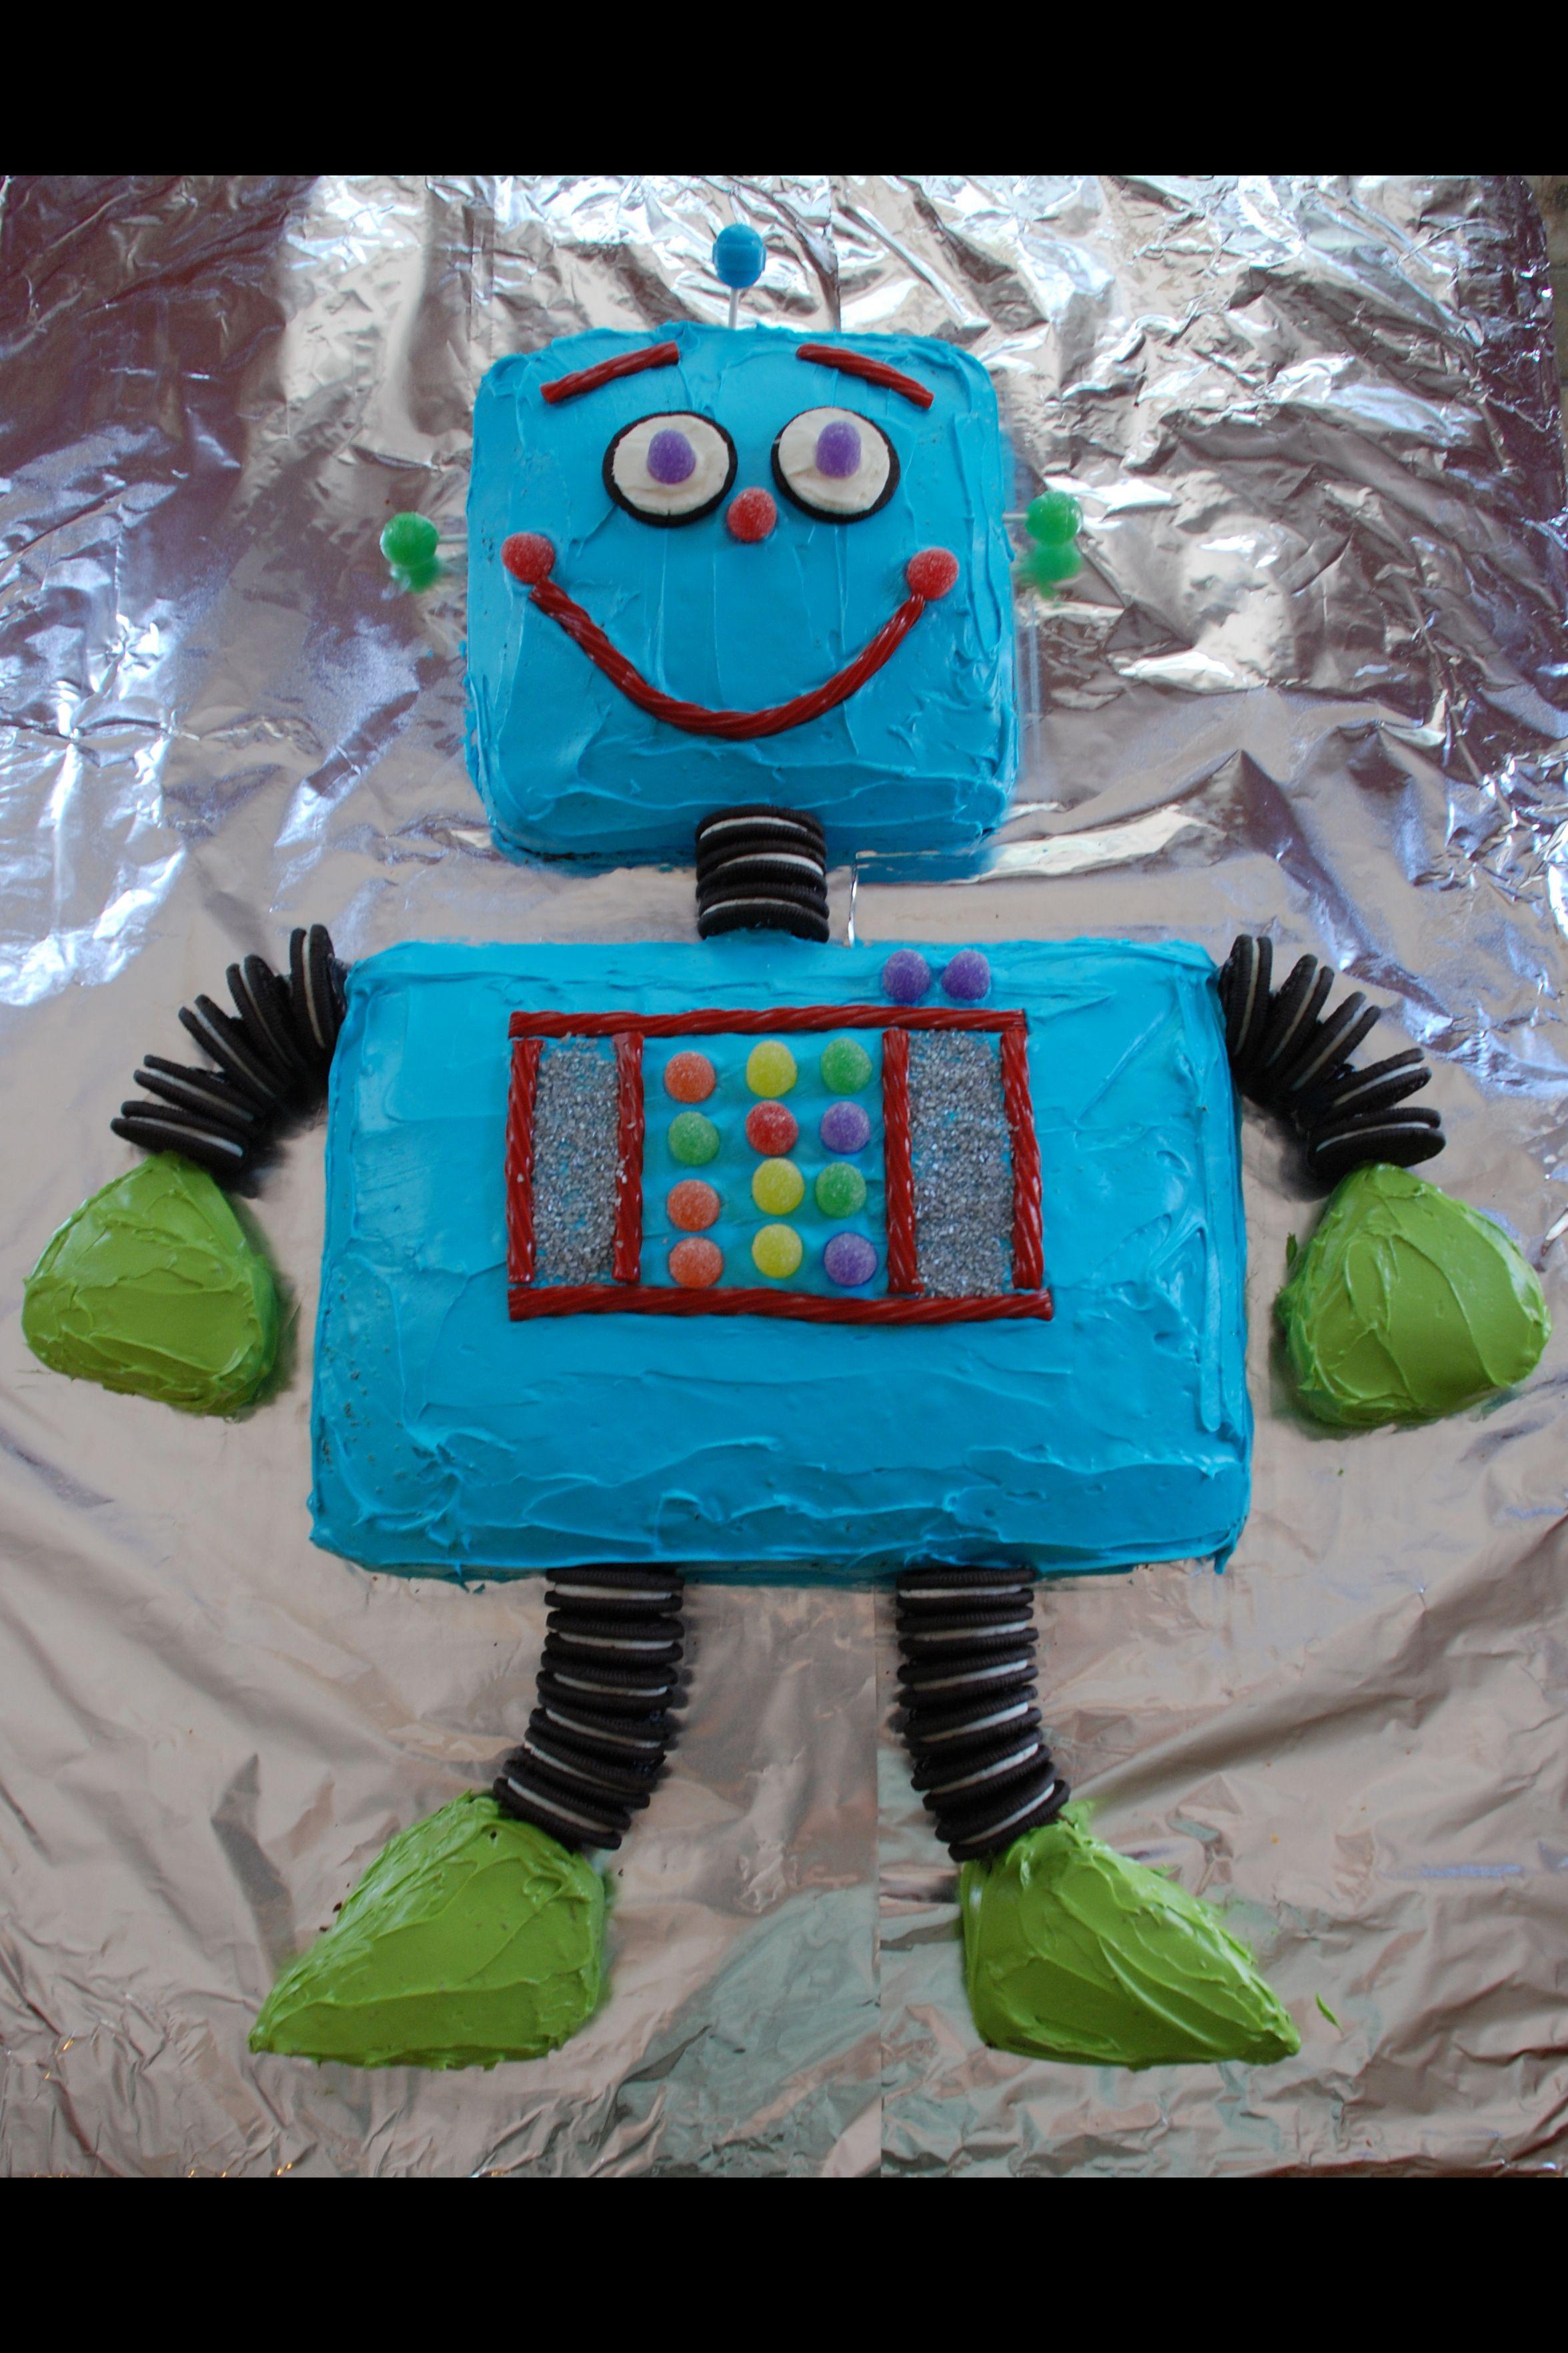 Robot birthday cake for Finn. 2011